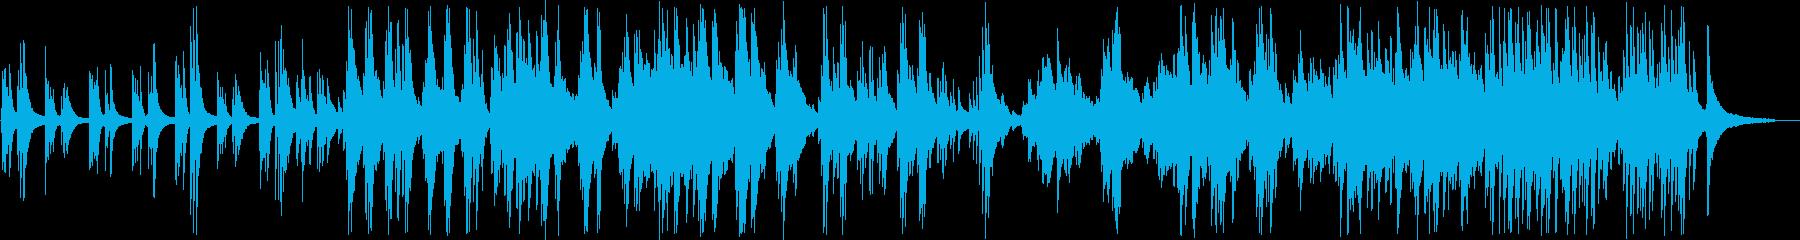 感動的なバラードのピアノソロの再生済みの波形